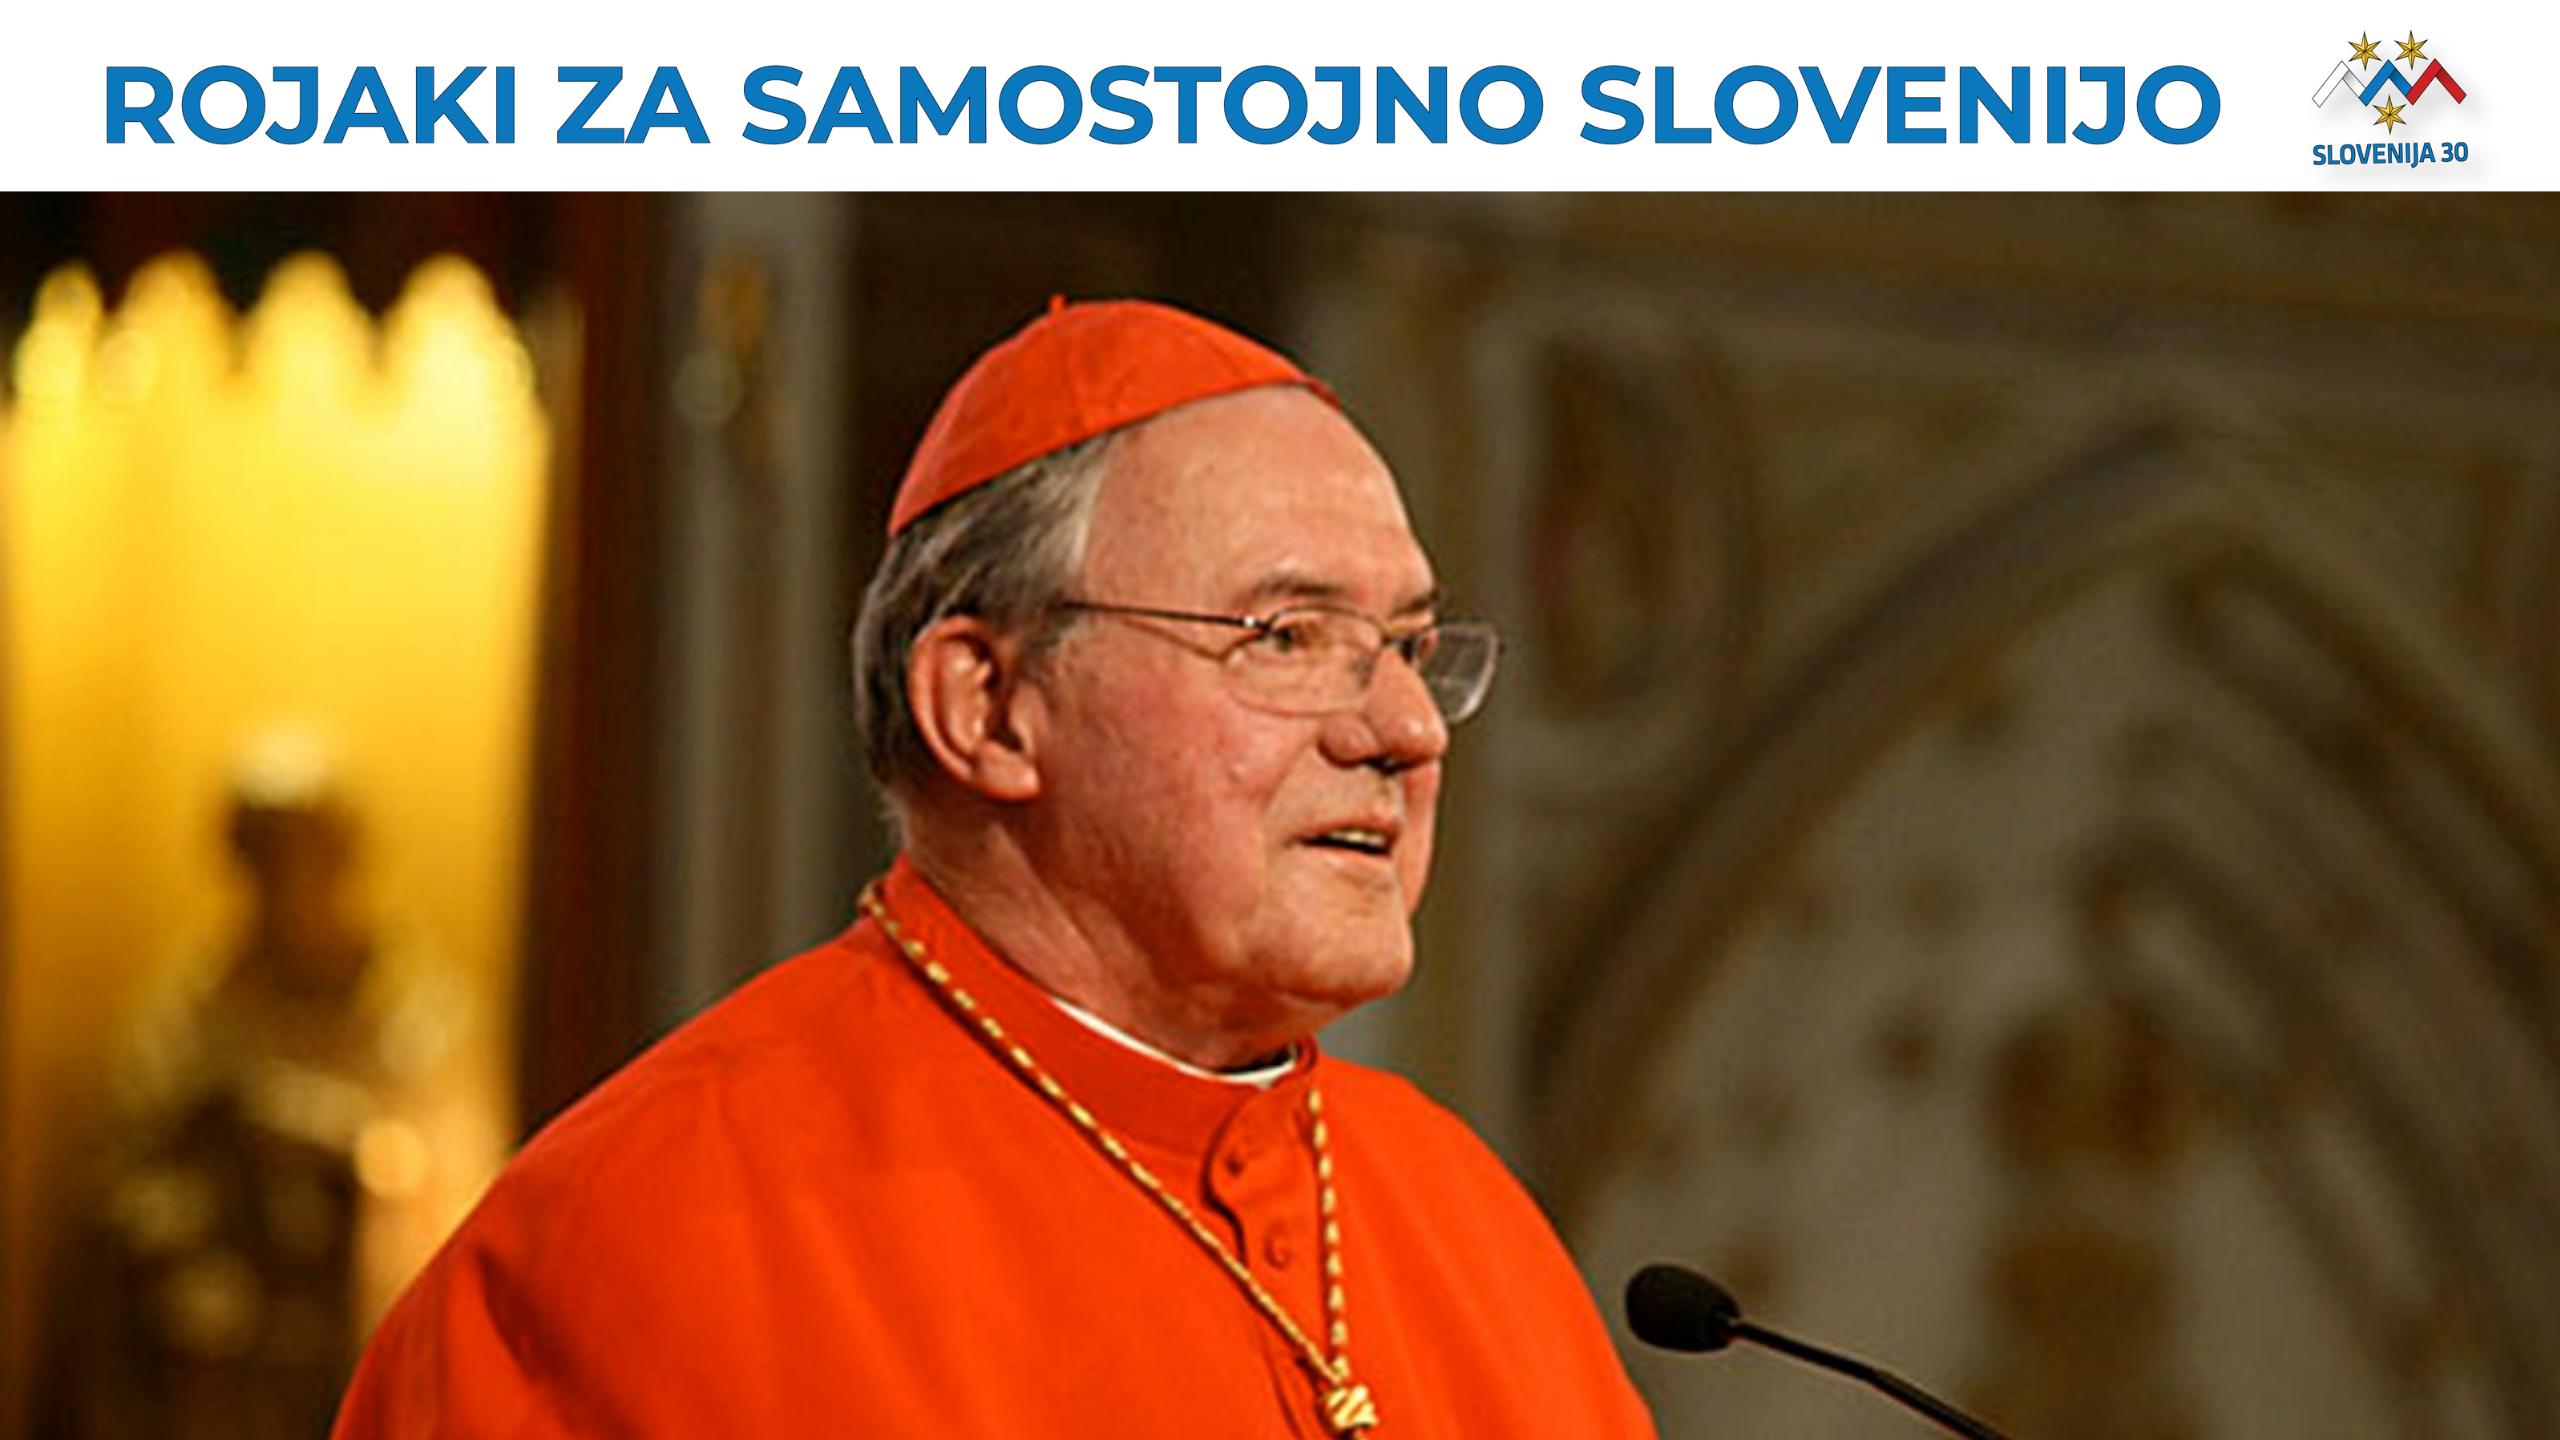 dr. ALojzij Ambrožič, na vrhu na belem traku napis Rojaki za samostojno SLovenijo in logo (simbolj Triglava v beli, modri in rdeči barvi, tri rumene zvezde in pod tem napis Slovenija 30).